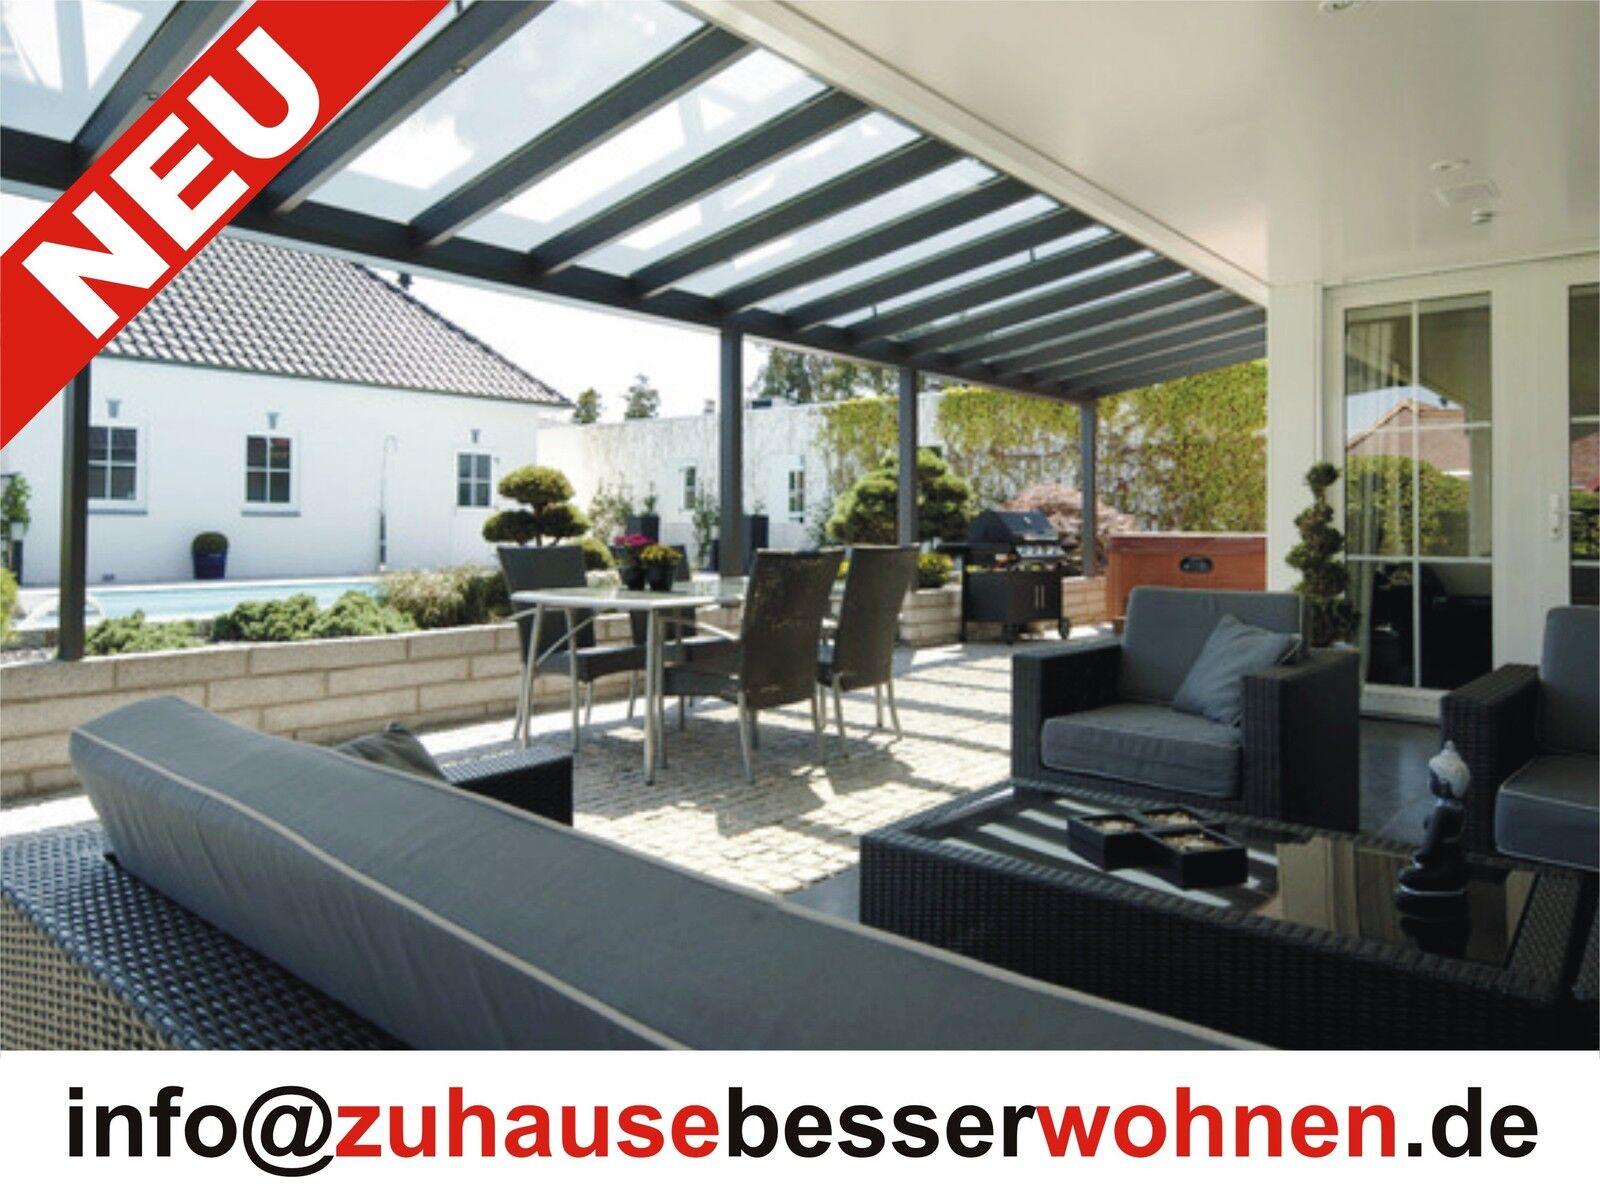 Terrassenüberdachung Alu Terrassendach vorbereitet für VSG Glas- ohne Glas 5x3,5